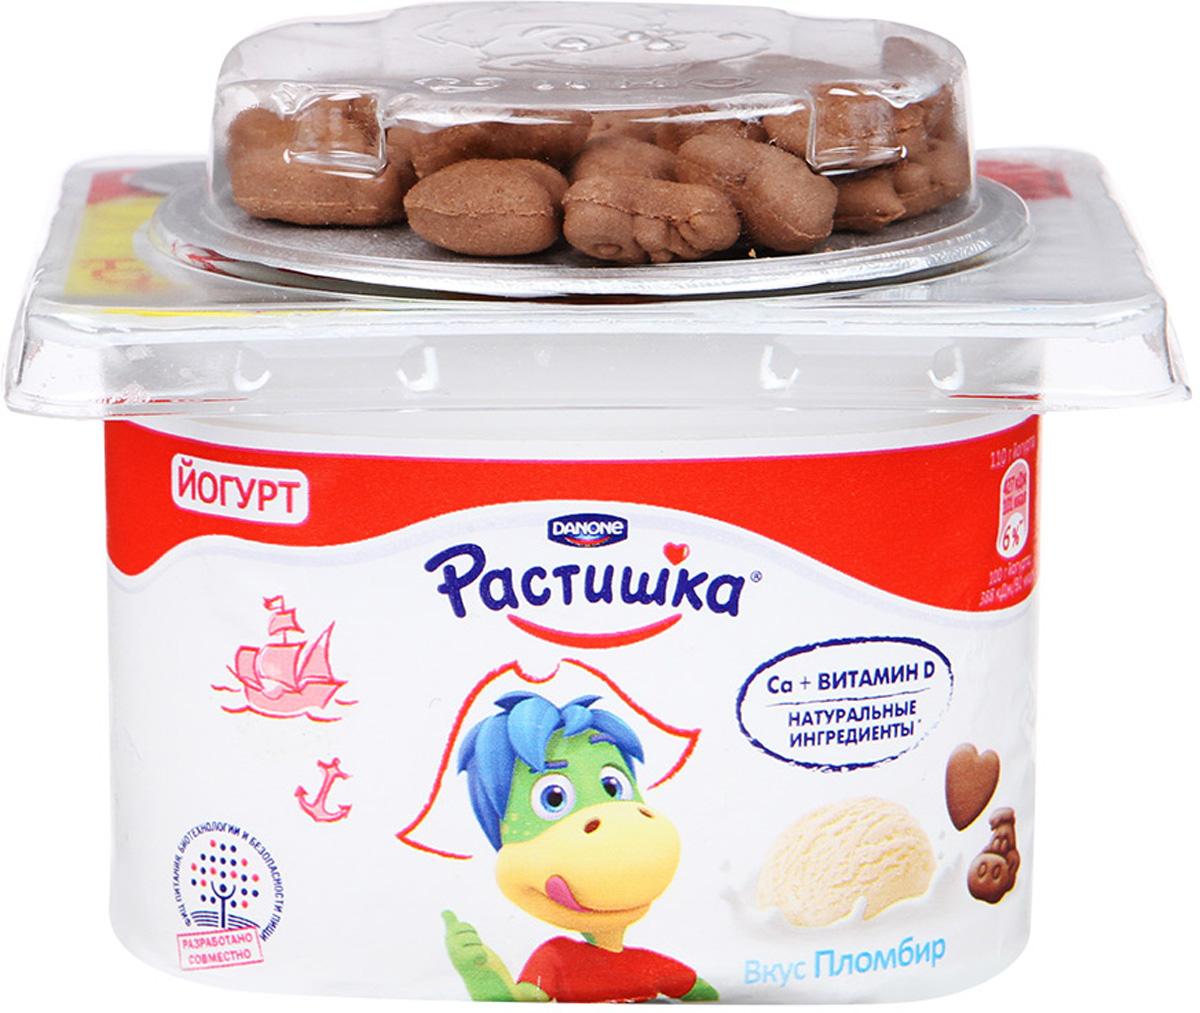 Растишка Йогурт густой Пломбир с печеньем 3%, 115 г даниссимо продукт творожный пломбир 5 4% 130 г